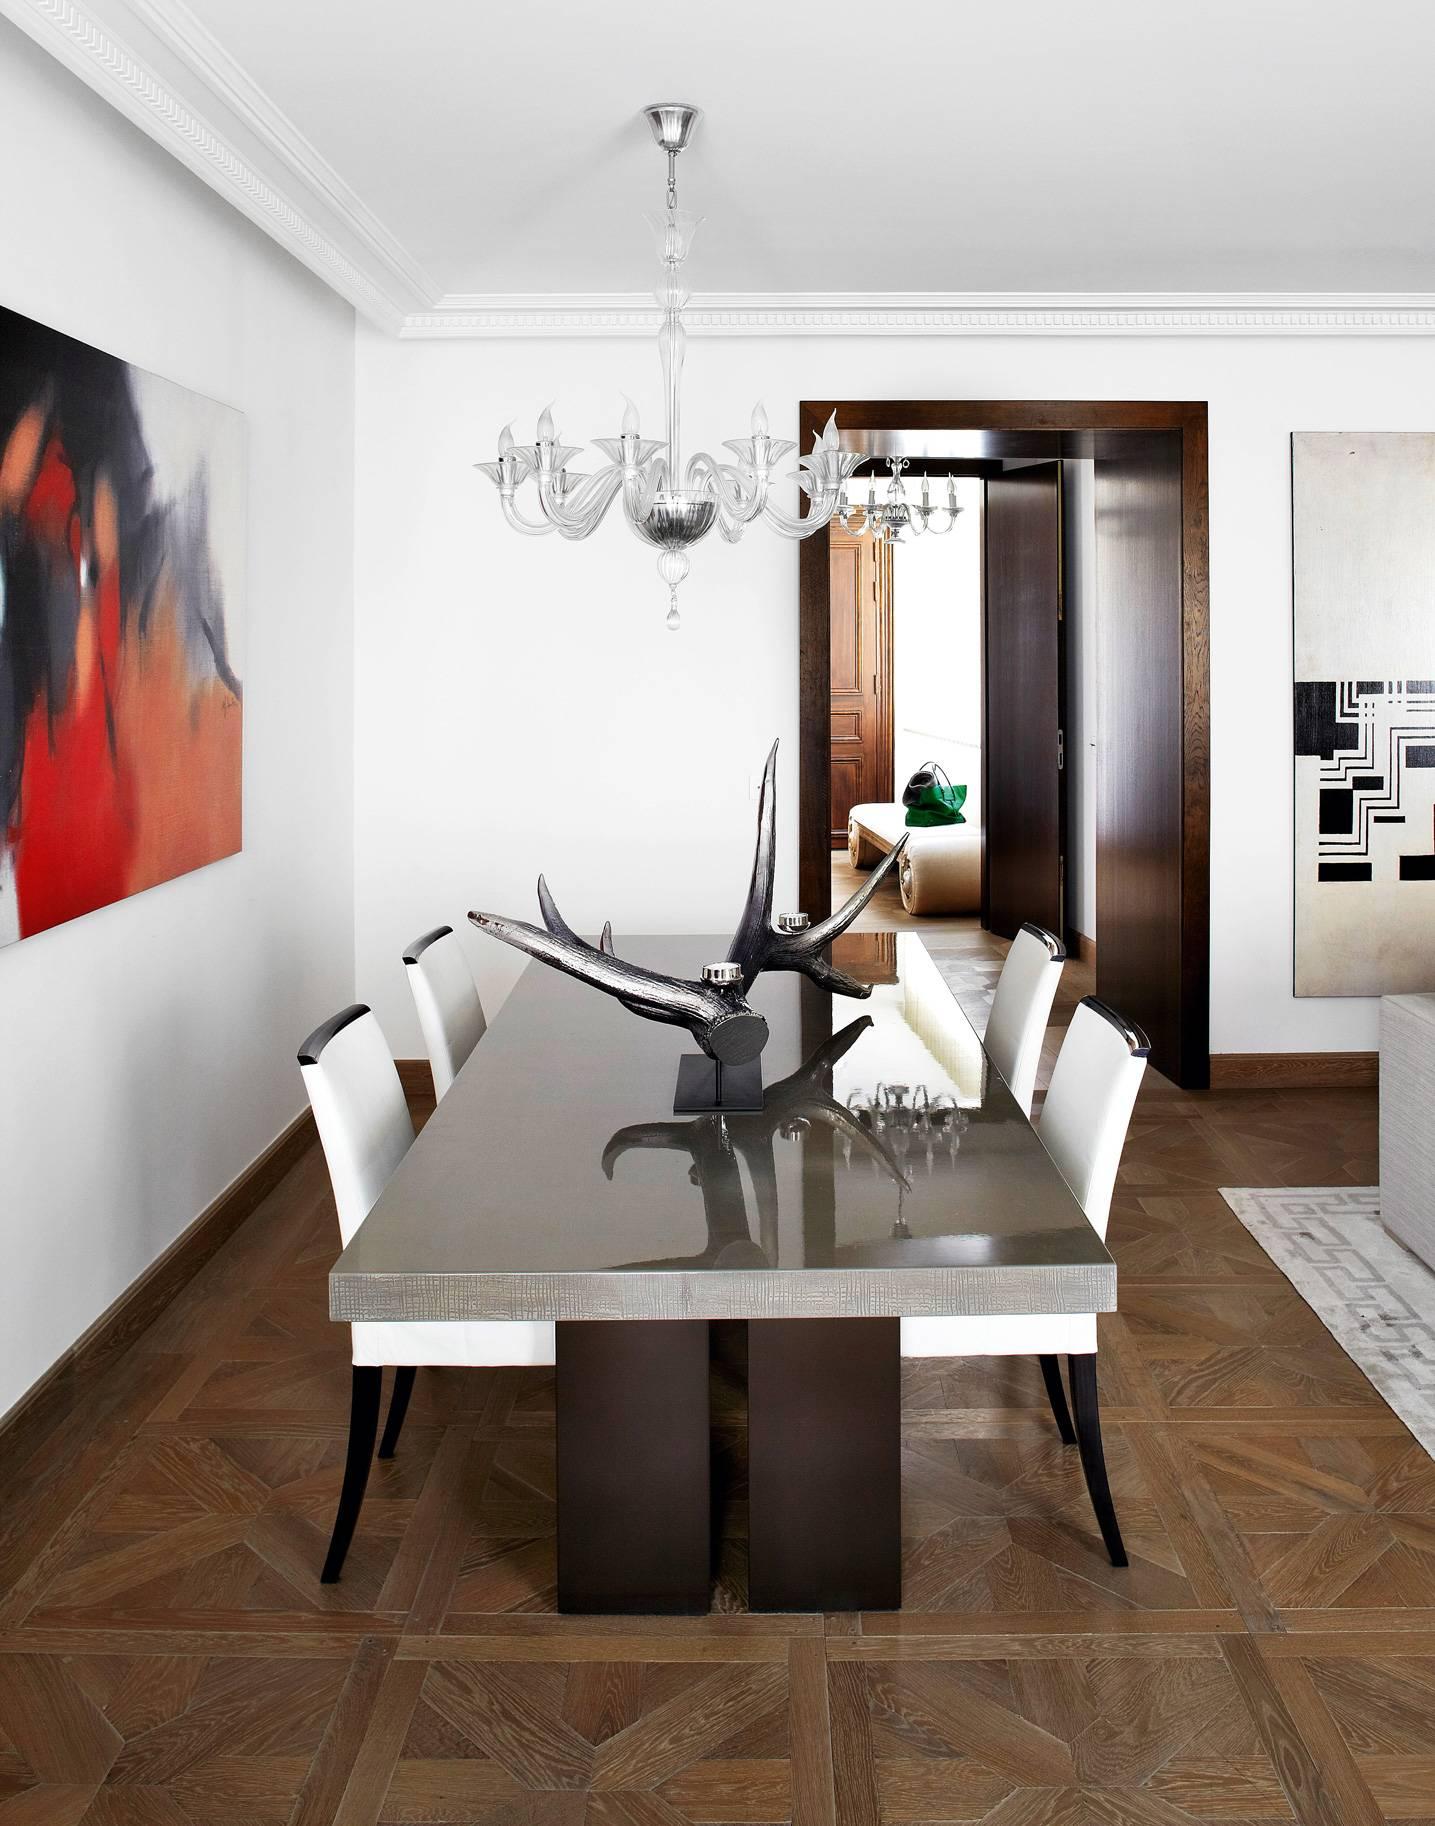 Table de salle à manger  « Trocadero » d'Armani Casa, chaises BC Bertrand, bougeoirs bois de cerf wapiti en résine et argent teinté noir (Mellerio).